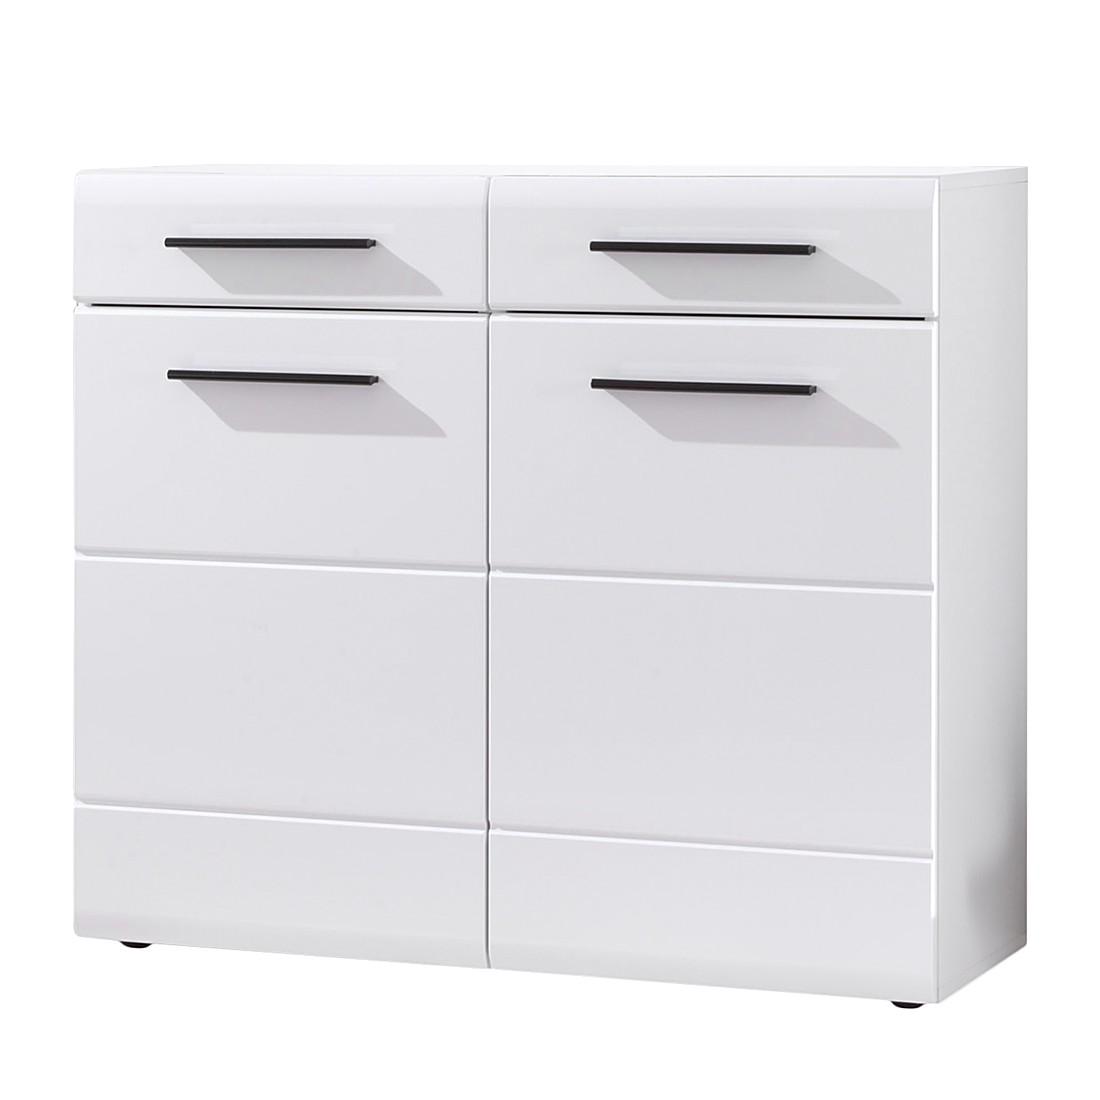 schuhschrank weiss hochglanz preise und vergleich. Black Bedroom Furniture Sets. Home Design Ideas